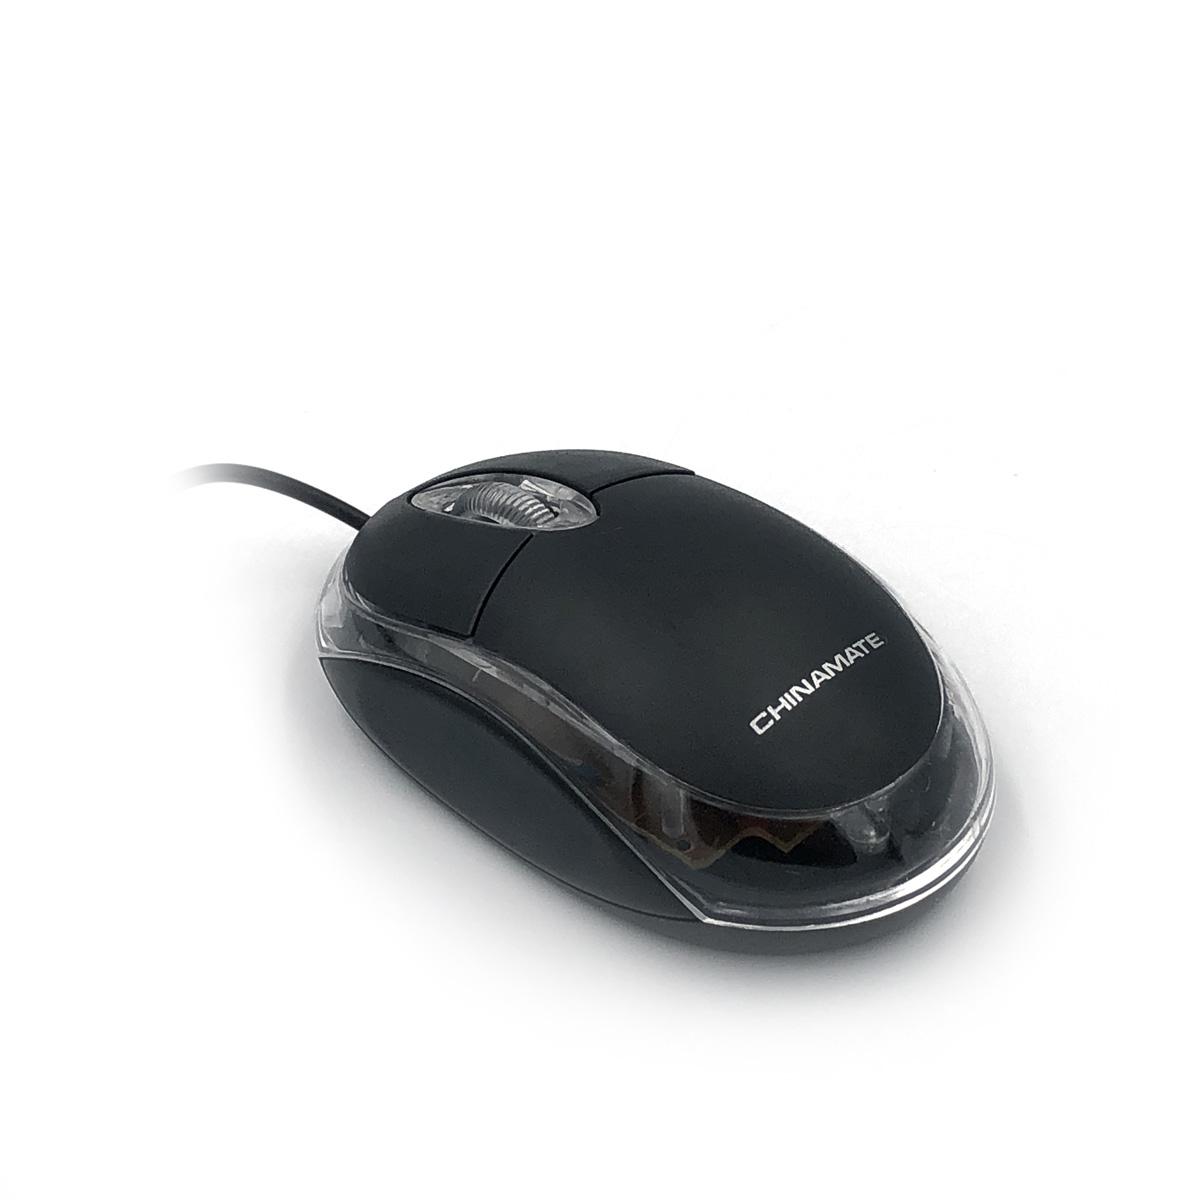 Mouse Óptico Com Fio 800dpi USB Preto CM10 Chinamate